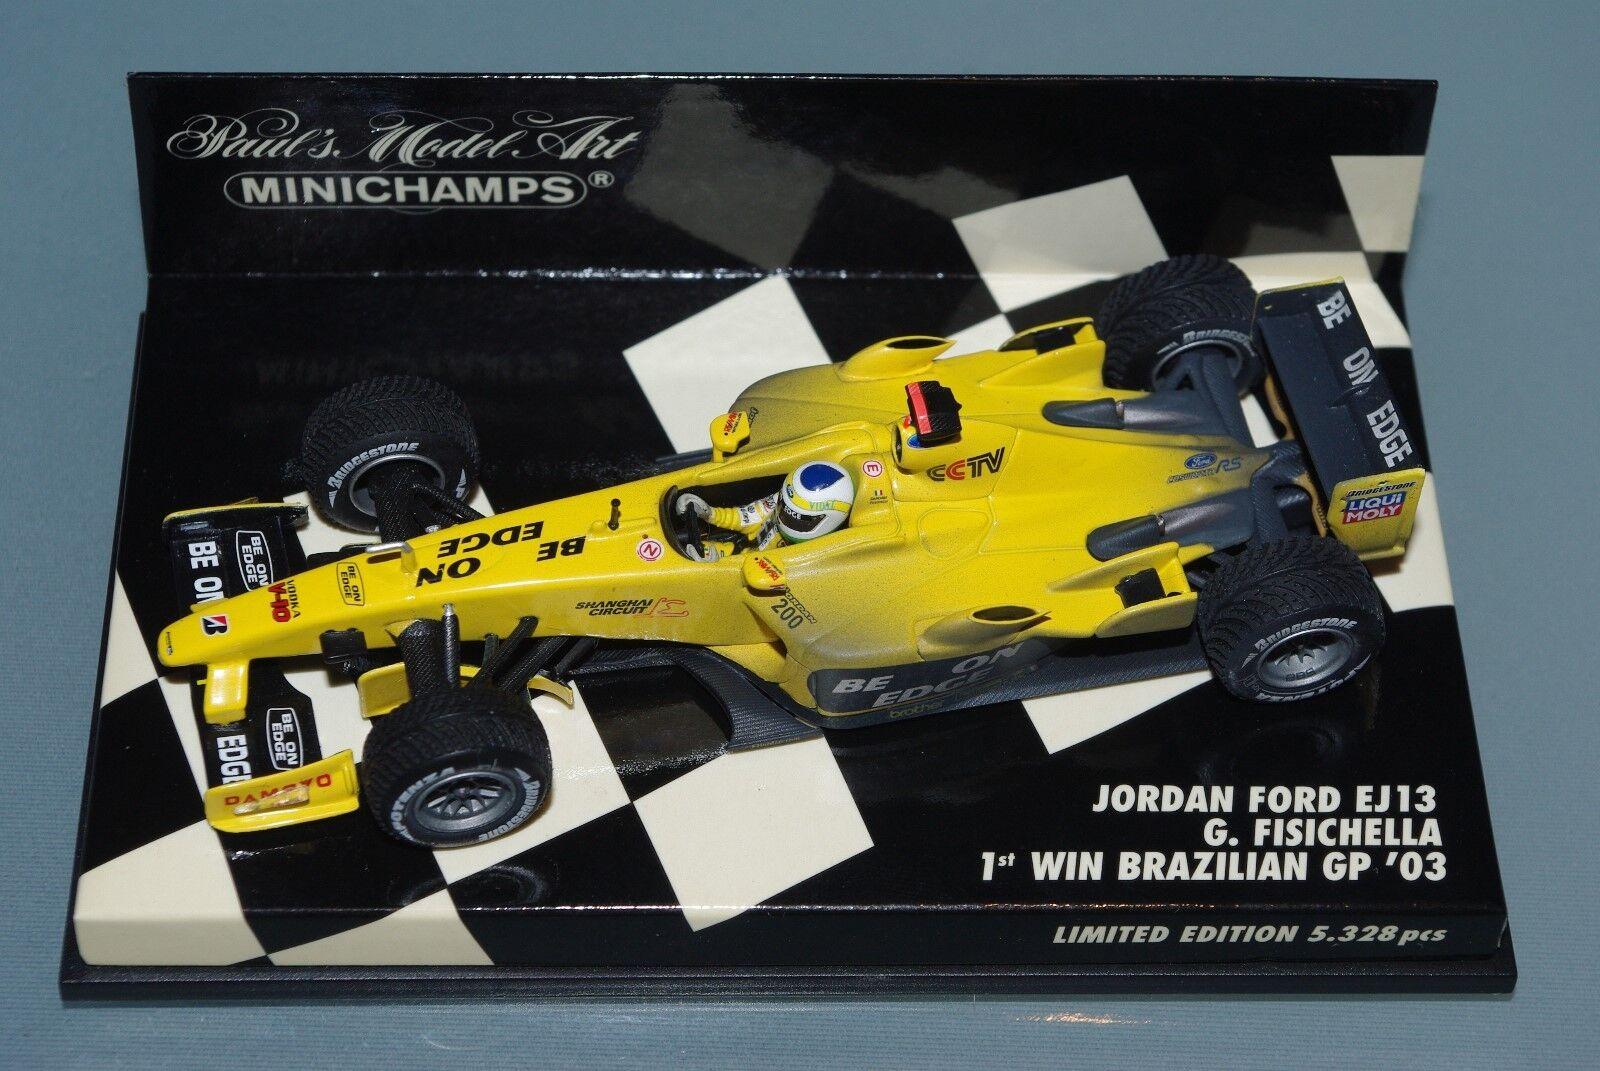 Minichamps F1 1 43 JORDAN FORD EJ13 - FISICHELLA - 1st WIN BRAZILIAN GP 2003